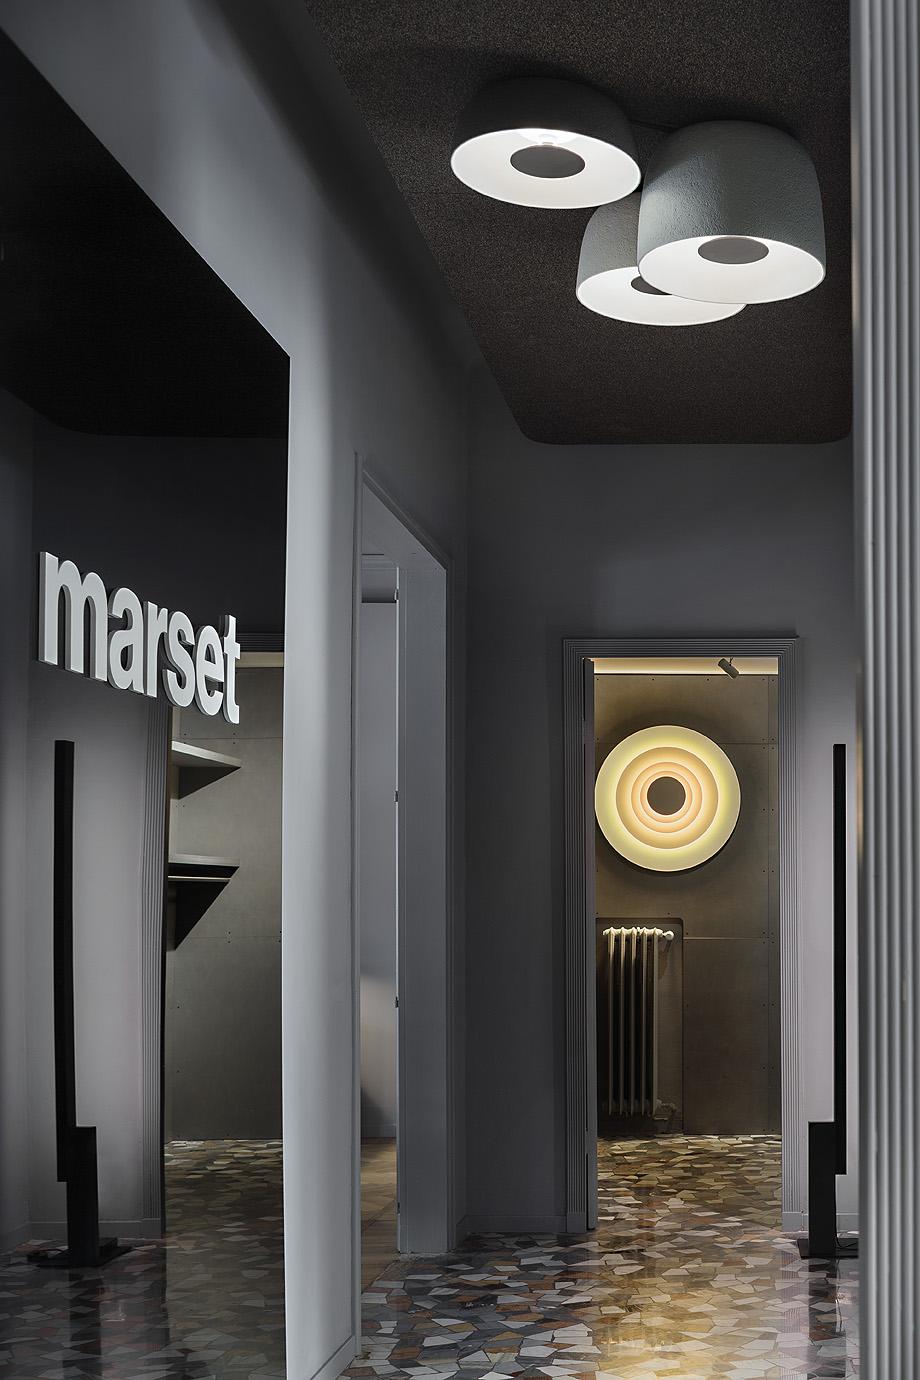 showroom de marset en milan (7)